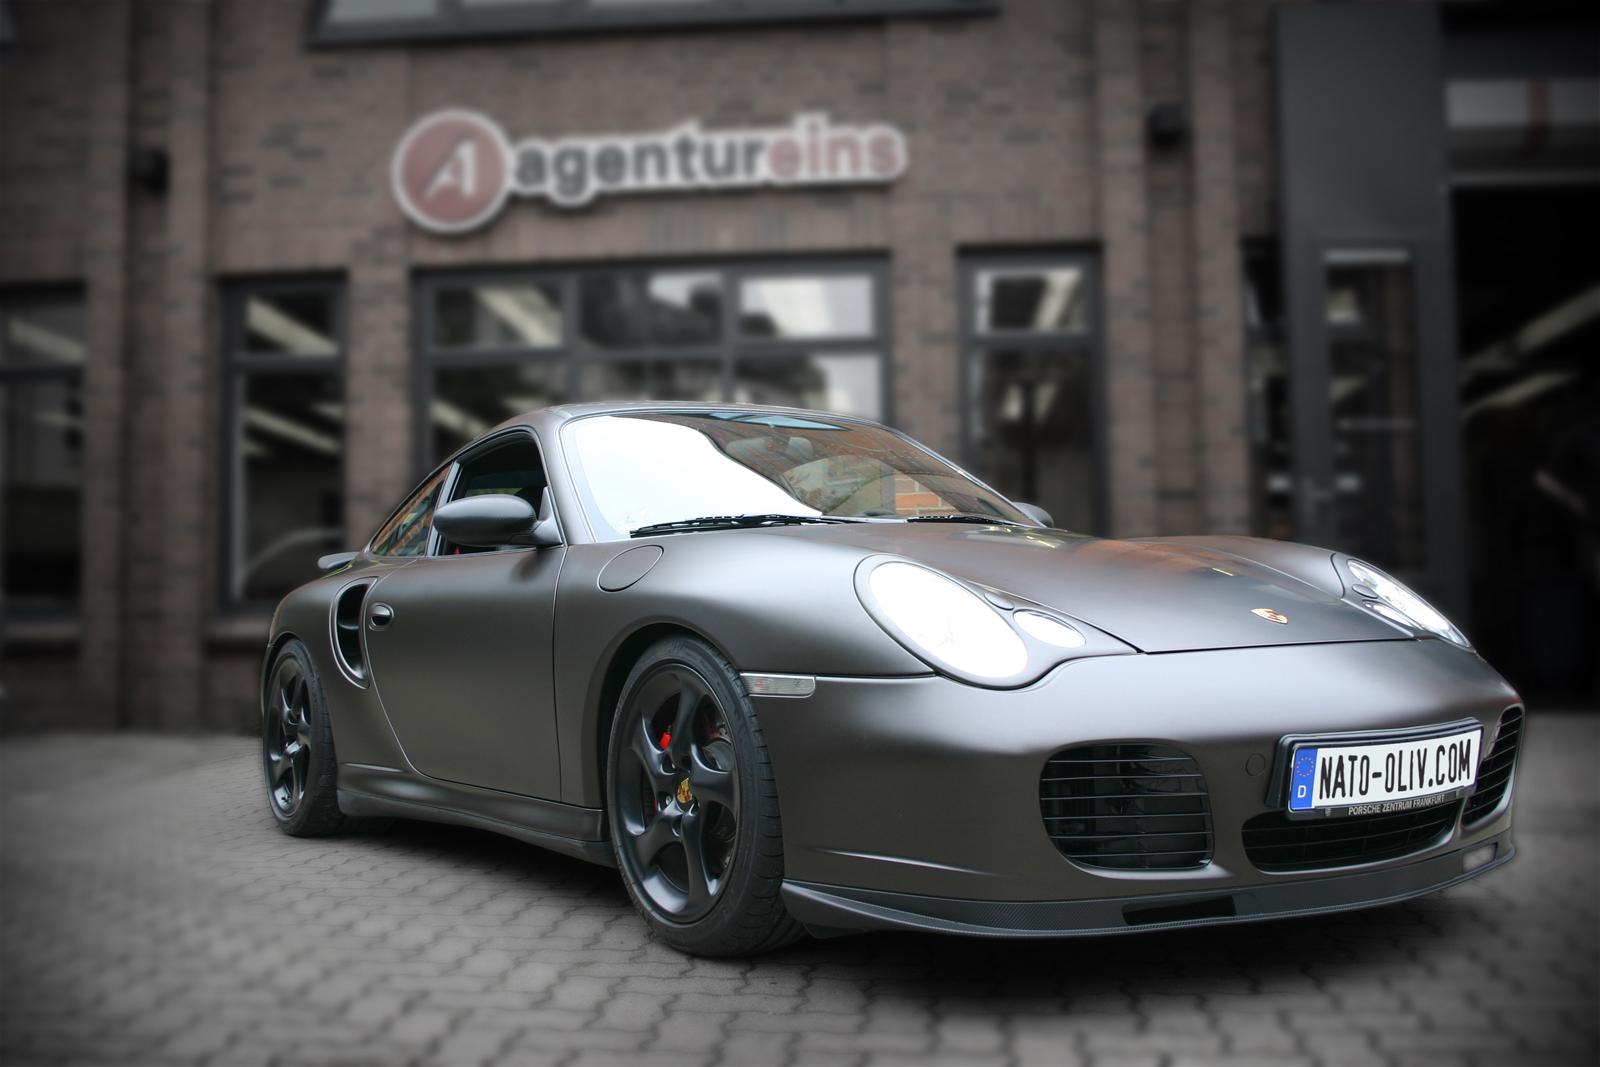 Porsche_Turbo_braun_matt_Titelbild_02